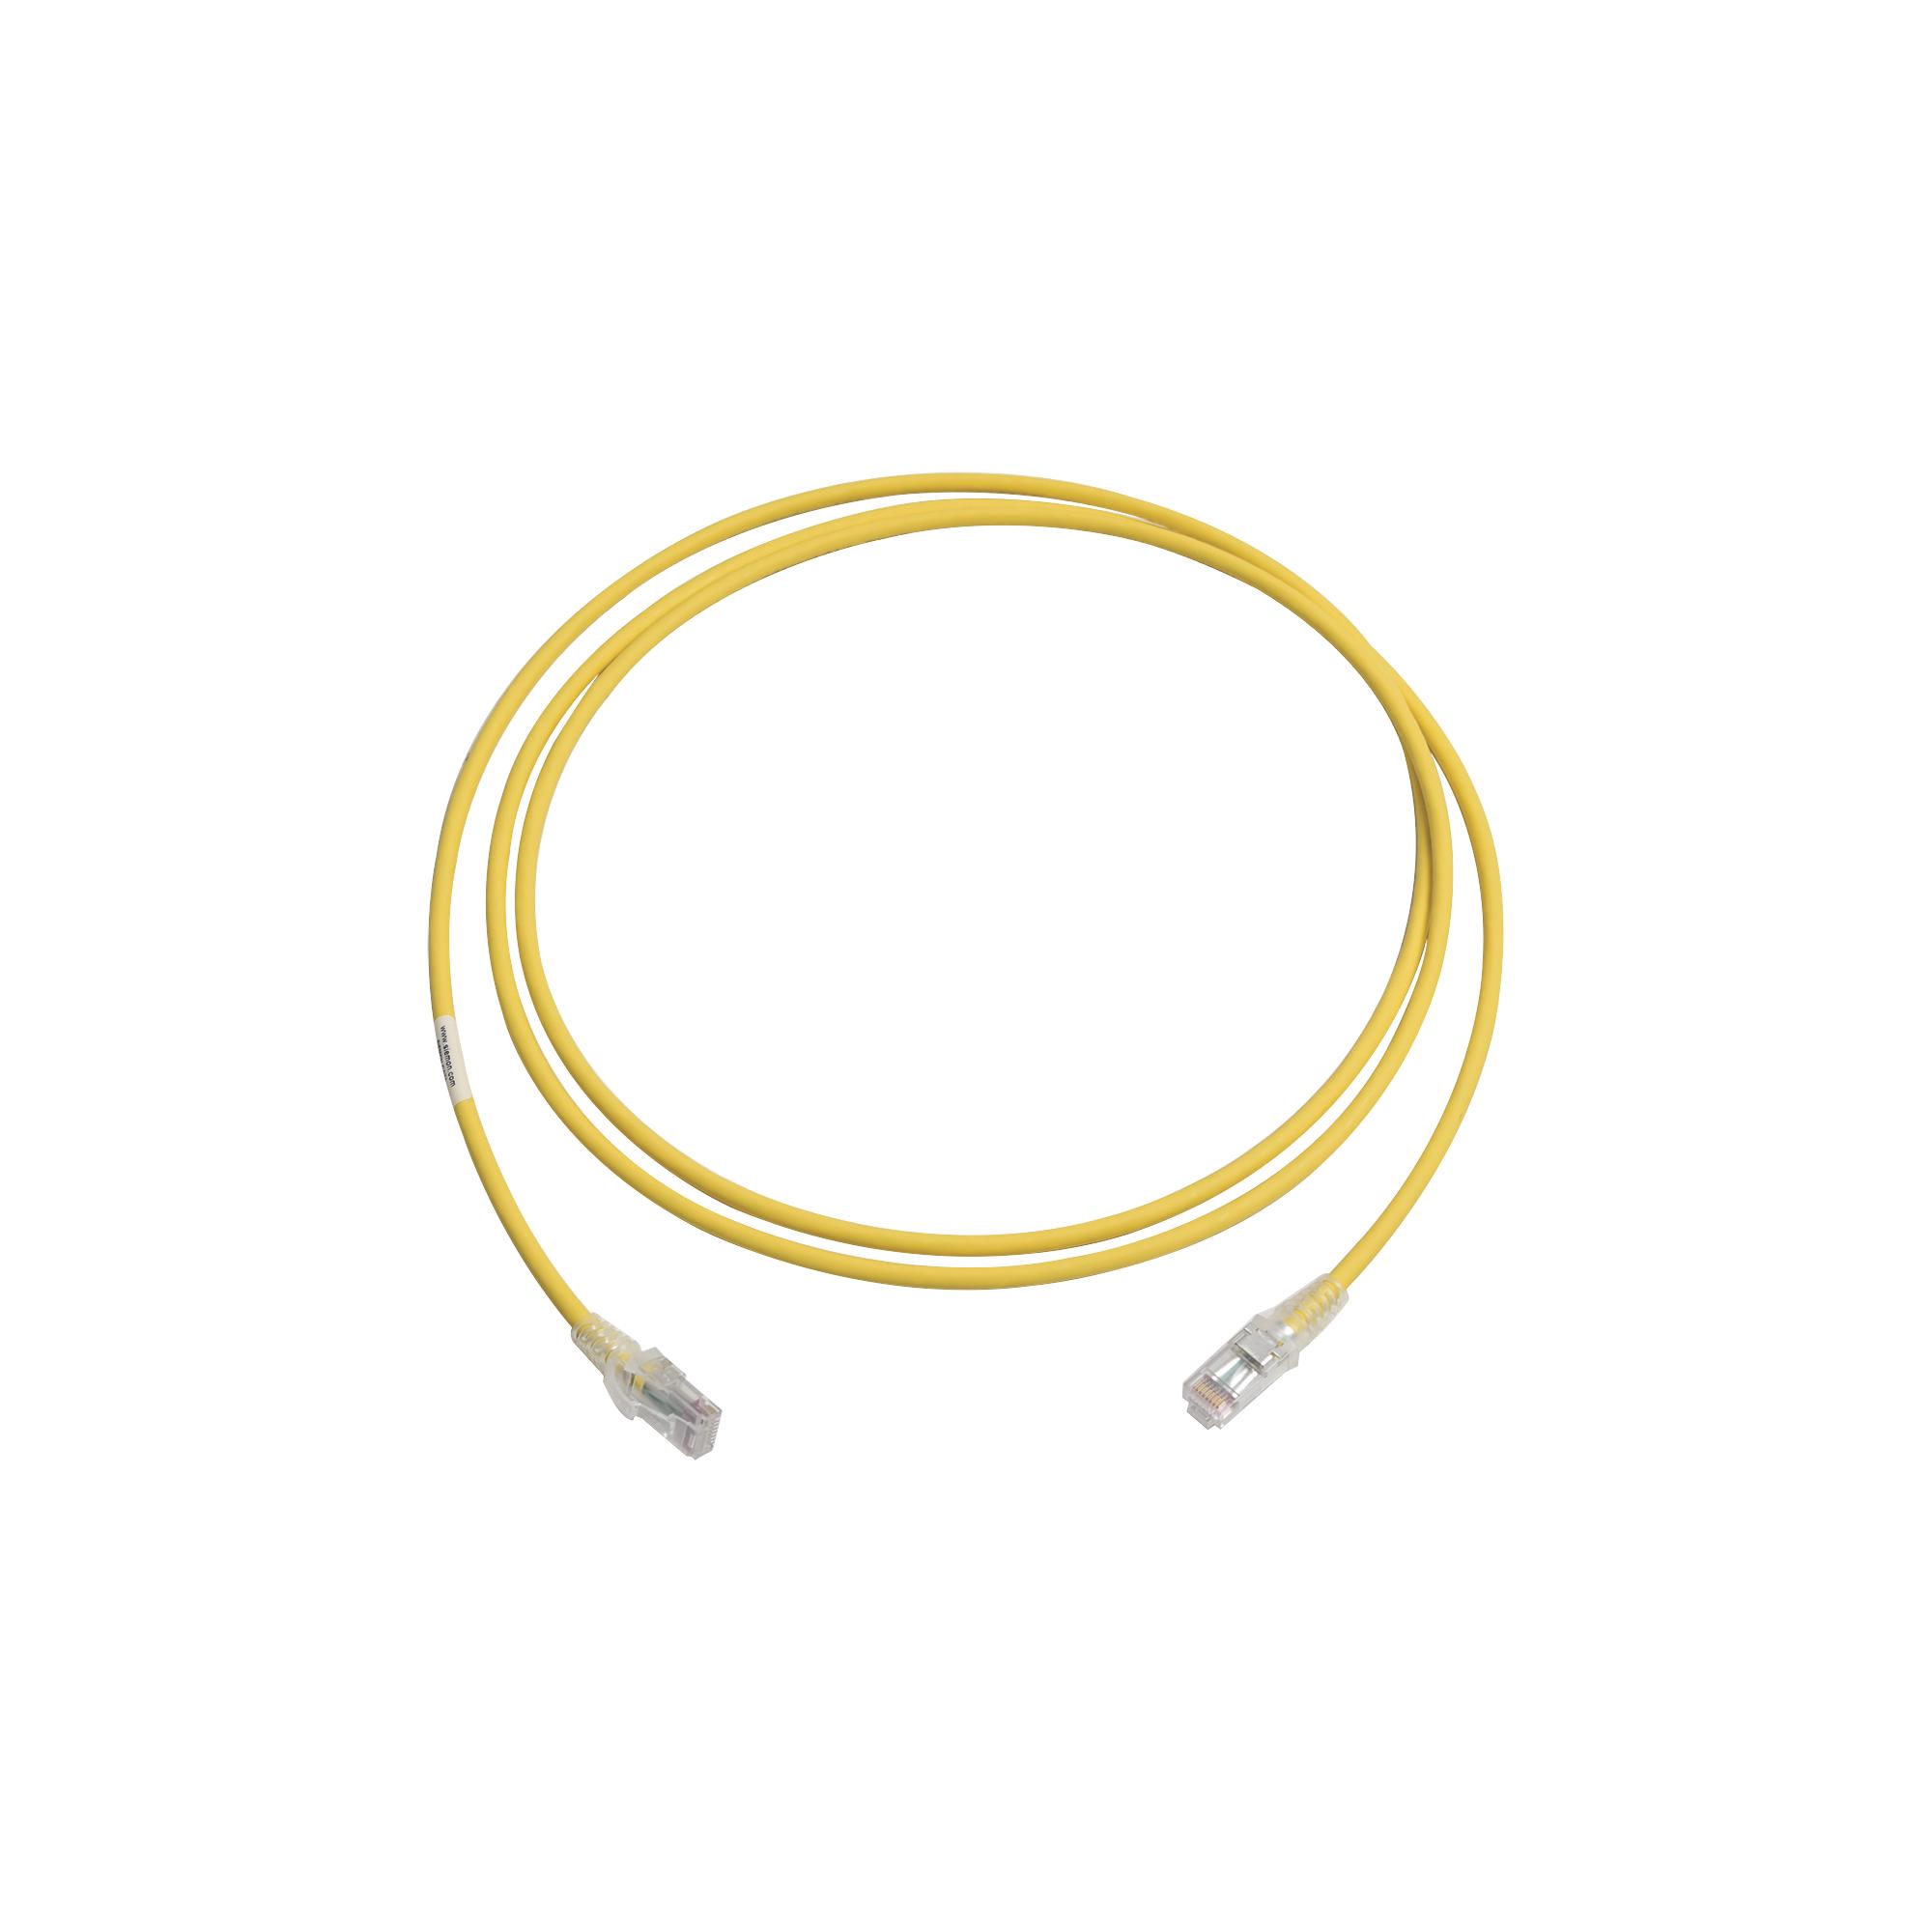 Patch Cord MC6 Modular Cat6 UTP, CM/LS0H, 7ft, Color Amarillo